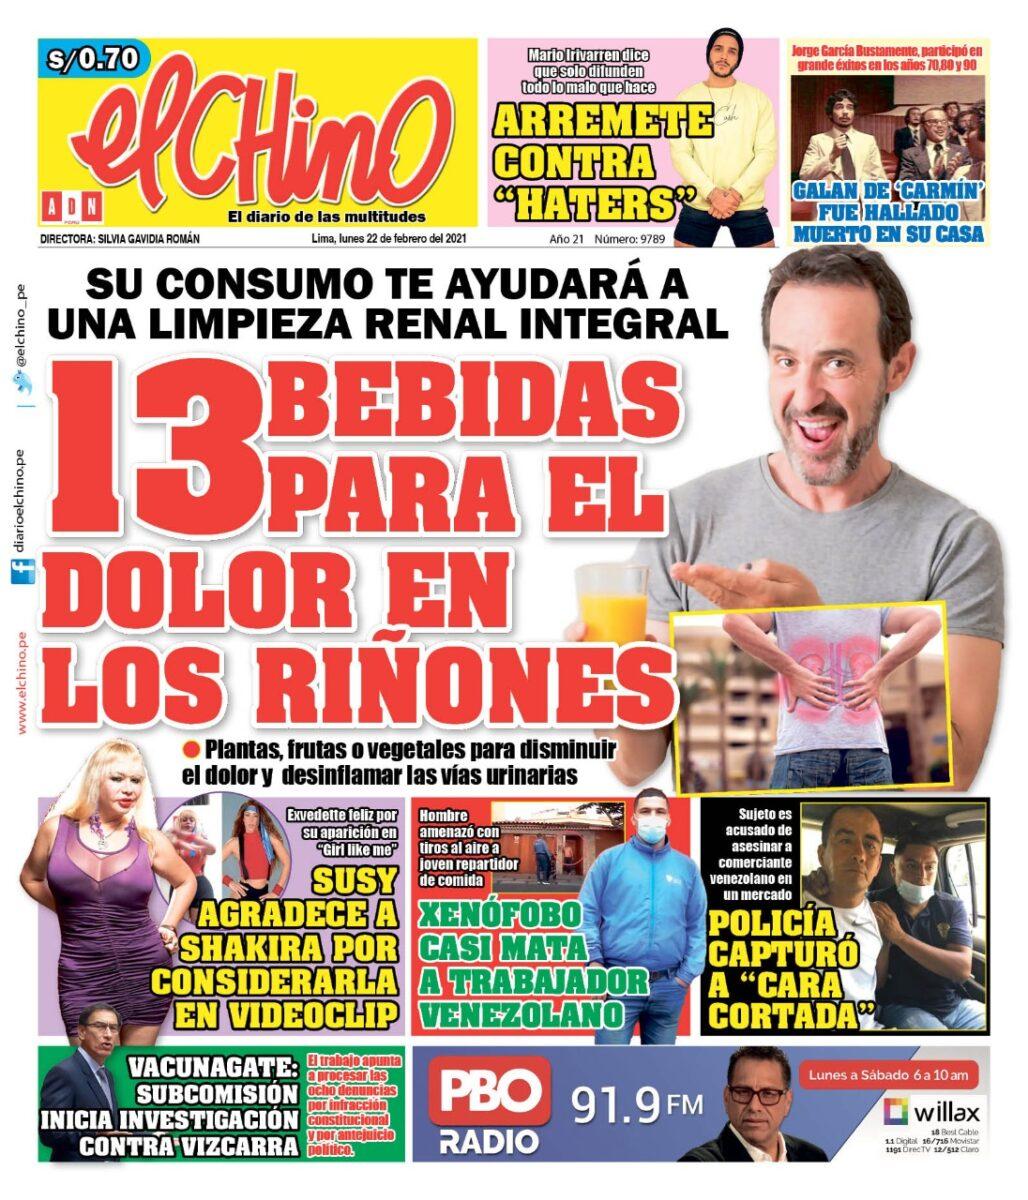 portada-impresa-diario-el-chino-22022021